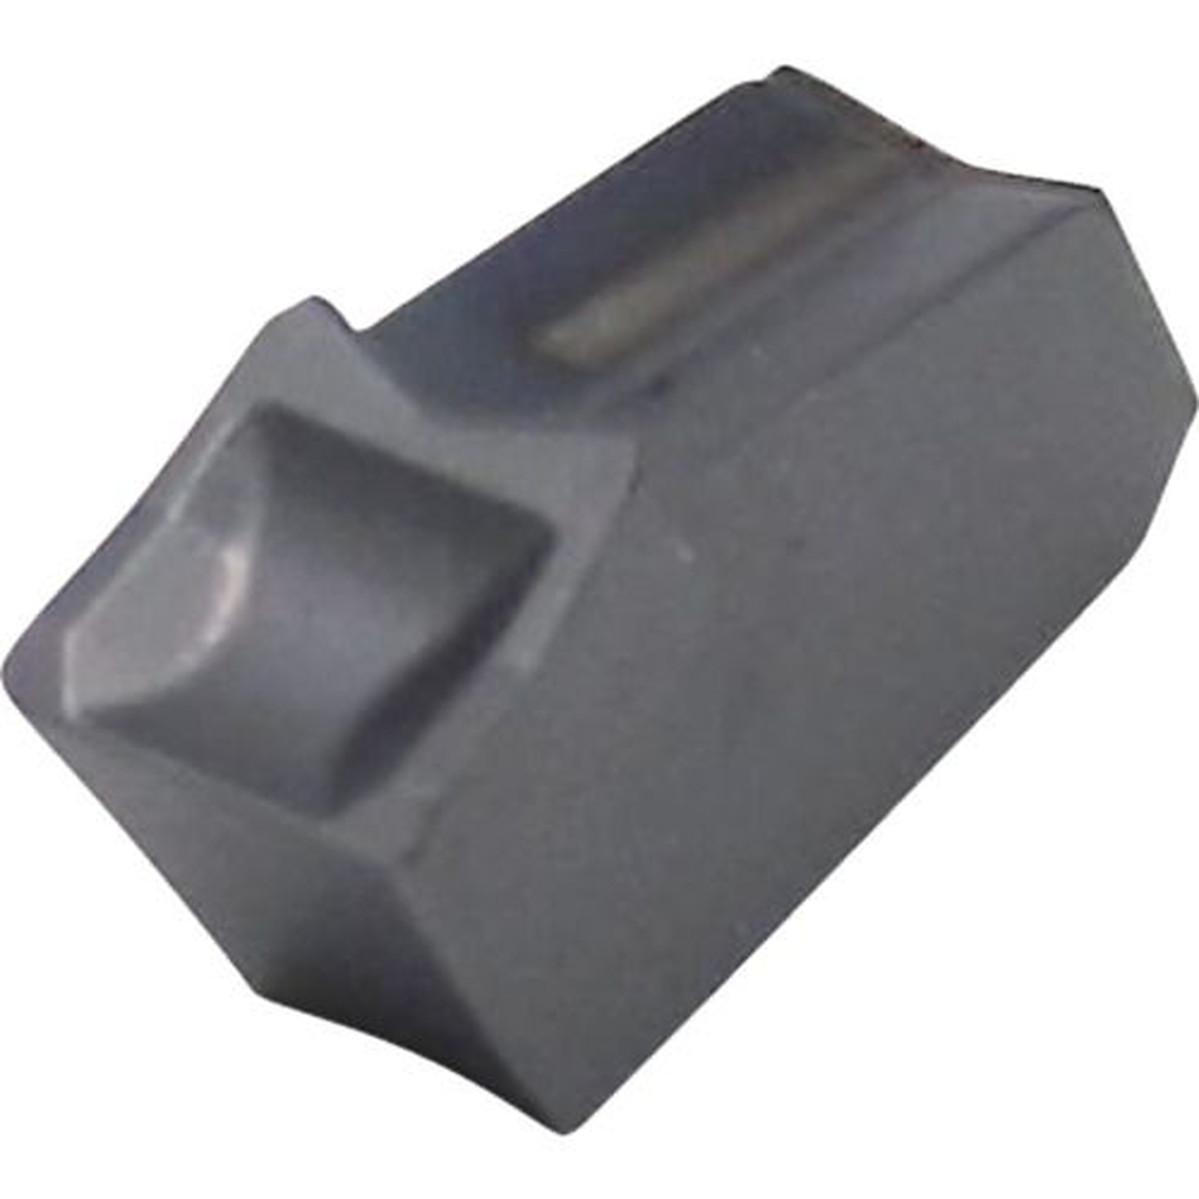 当店だけの限定モデル イスカル セルフグリップ セルフグリップ イスカル IC908 IC908 10個, 金銀の貯金箱-金貨や銀貨の販売:d0d7acff --- blacktieclassic.com.au